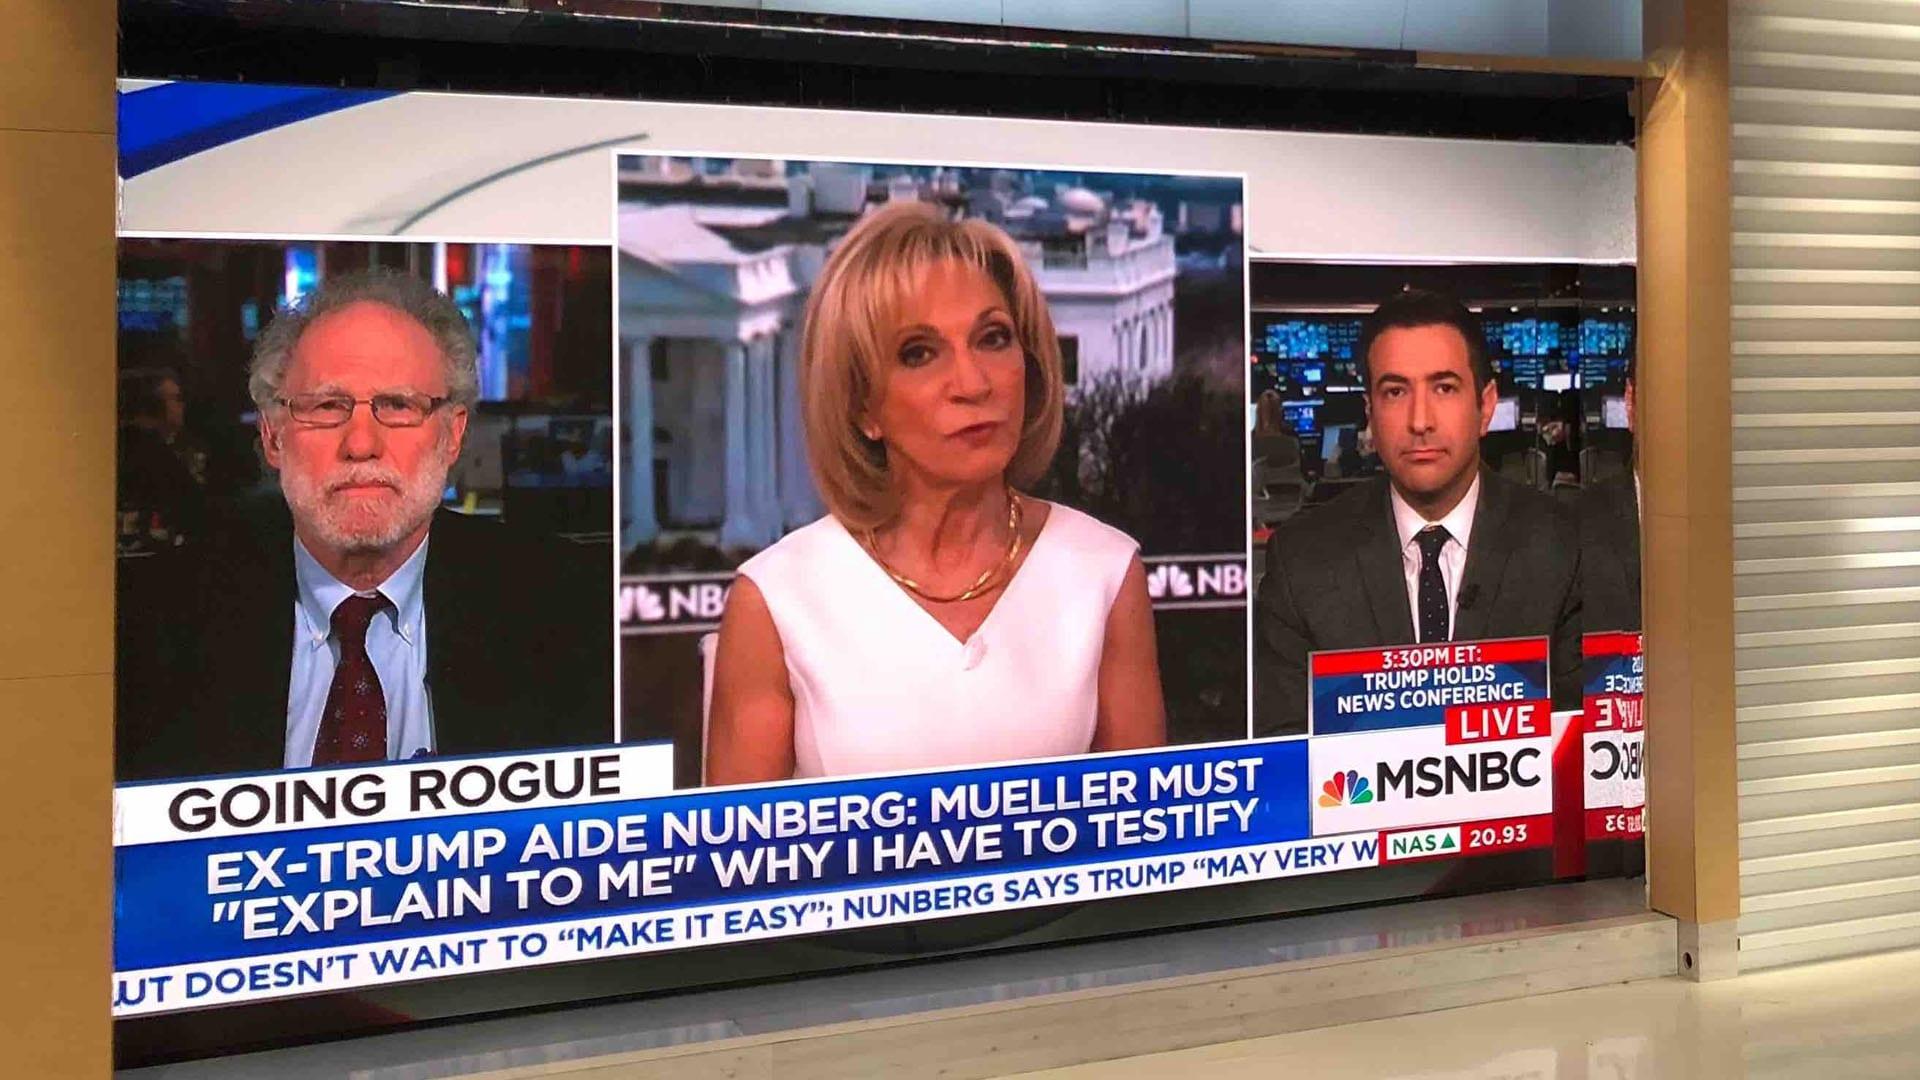 Neoti UHD video wall at NBC Meet the Press TV broadcast studio